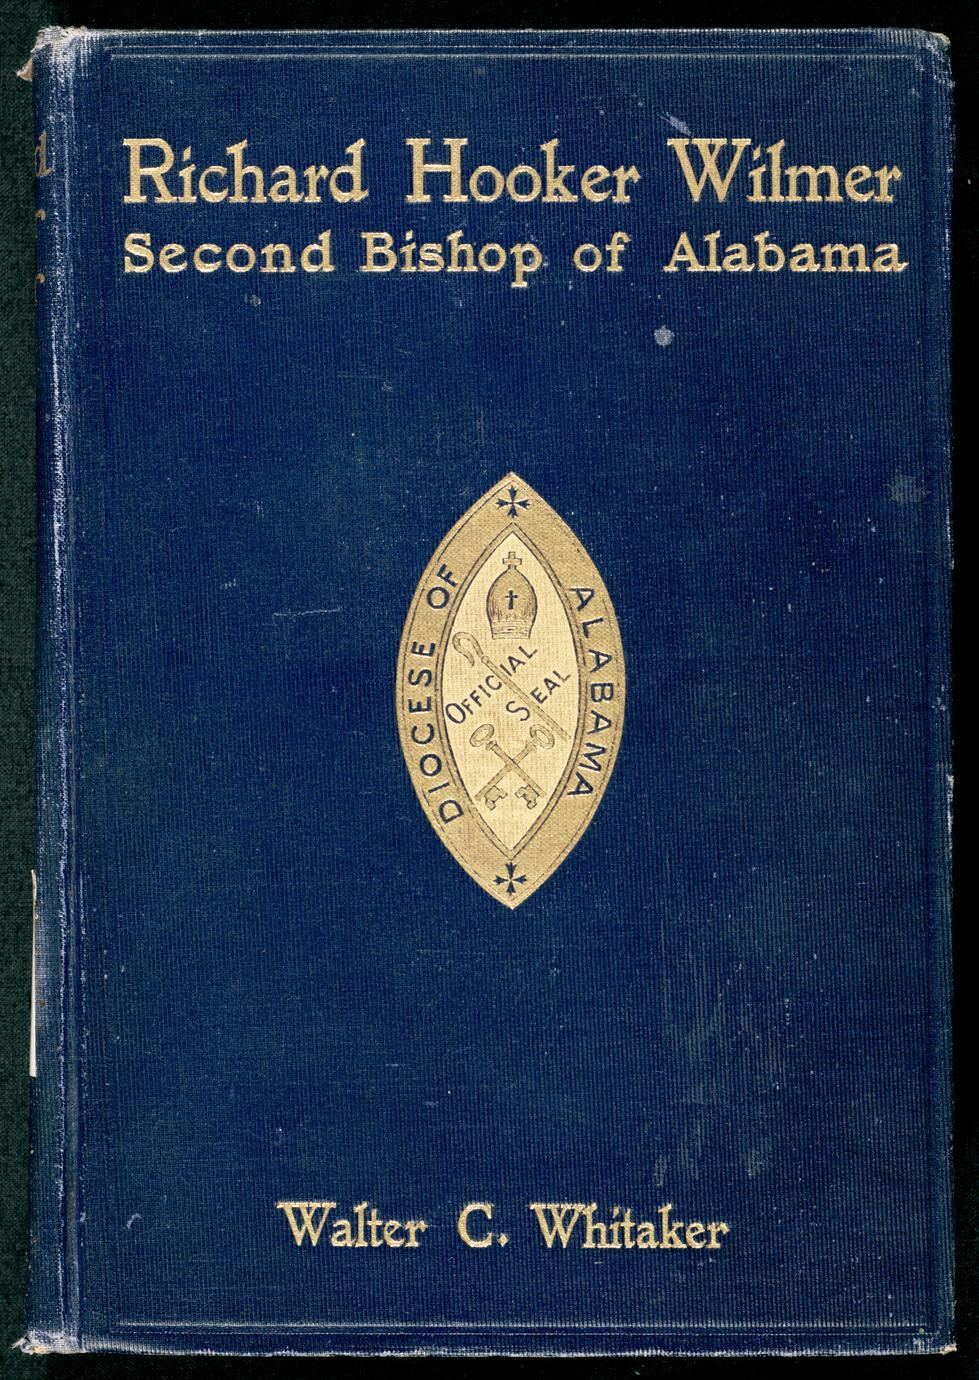 Richard Hooker Wilmer, second bishop of Alabama (1 of 2)